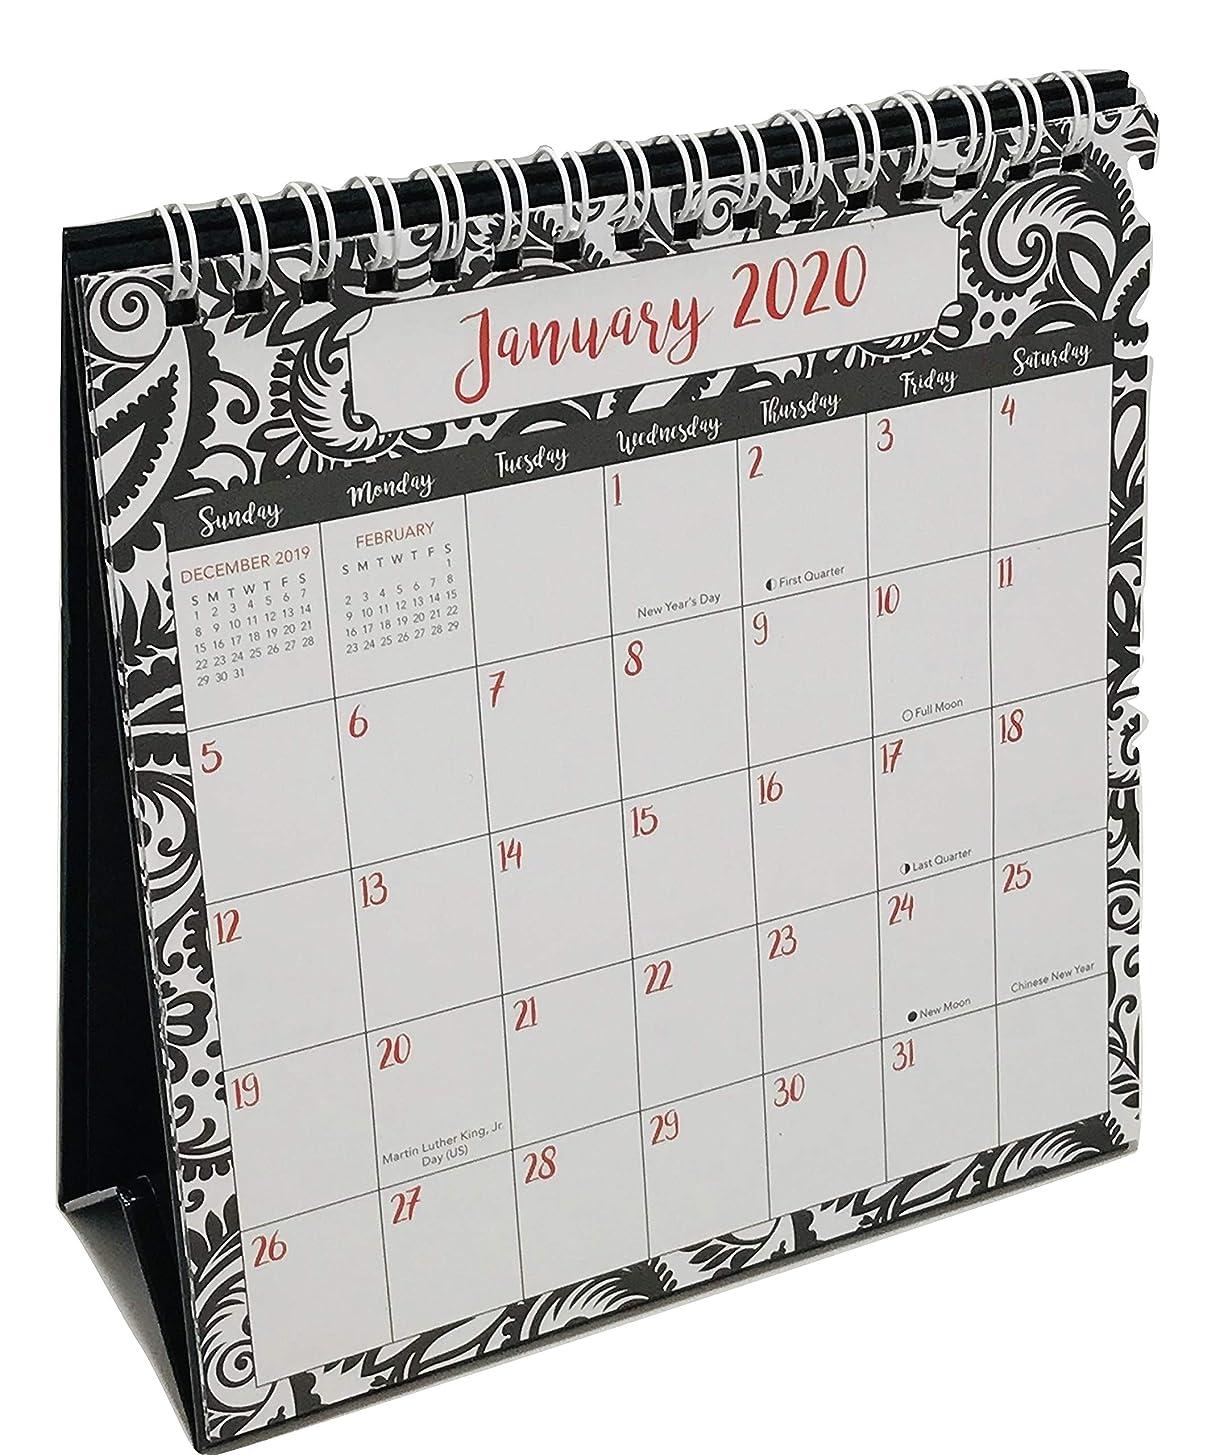 パリティ統計的侵略2020 マンスリースタンディングデスクカレンダー ブラックとホワイト 装飾ボーダー